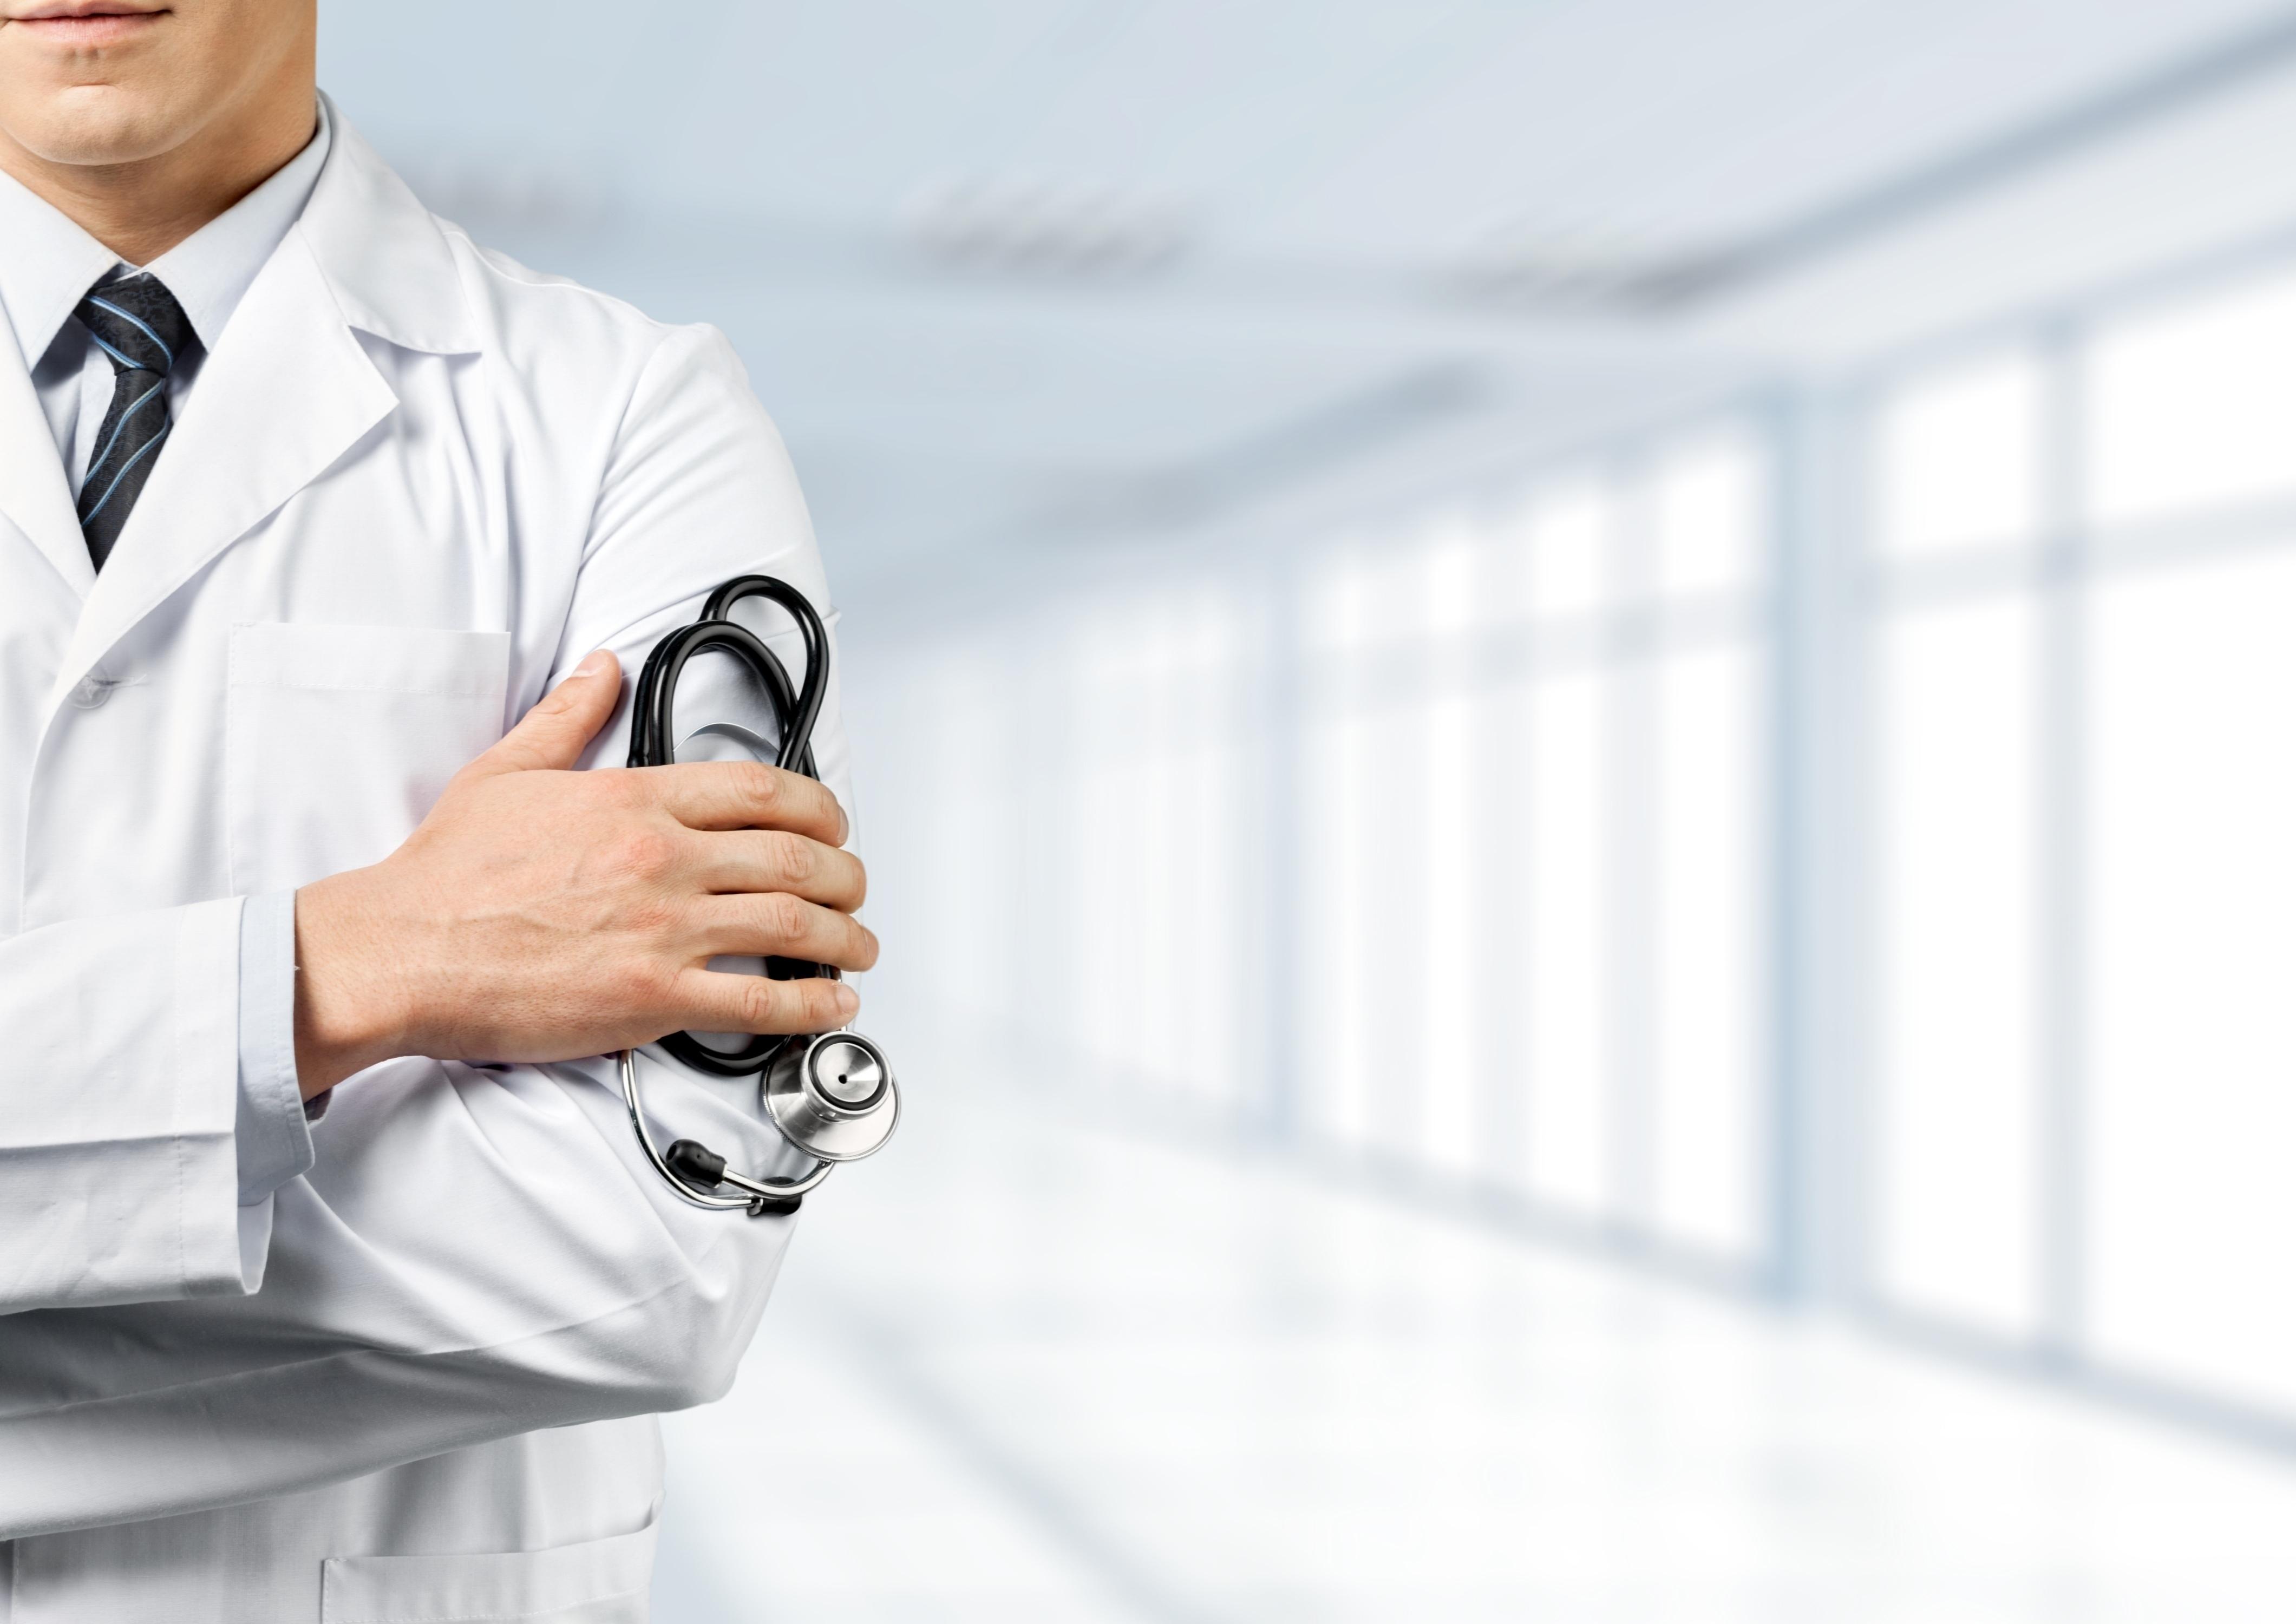 Healthcare_Backlighitng